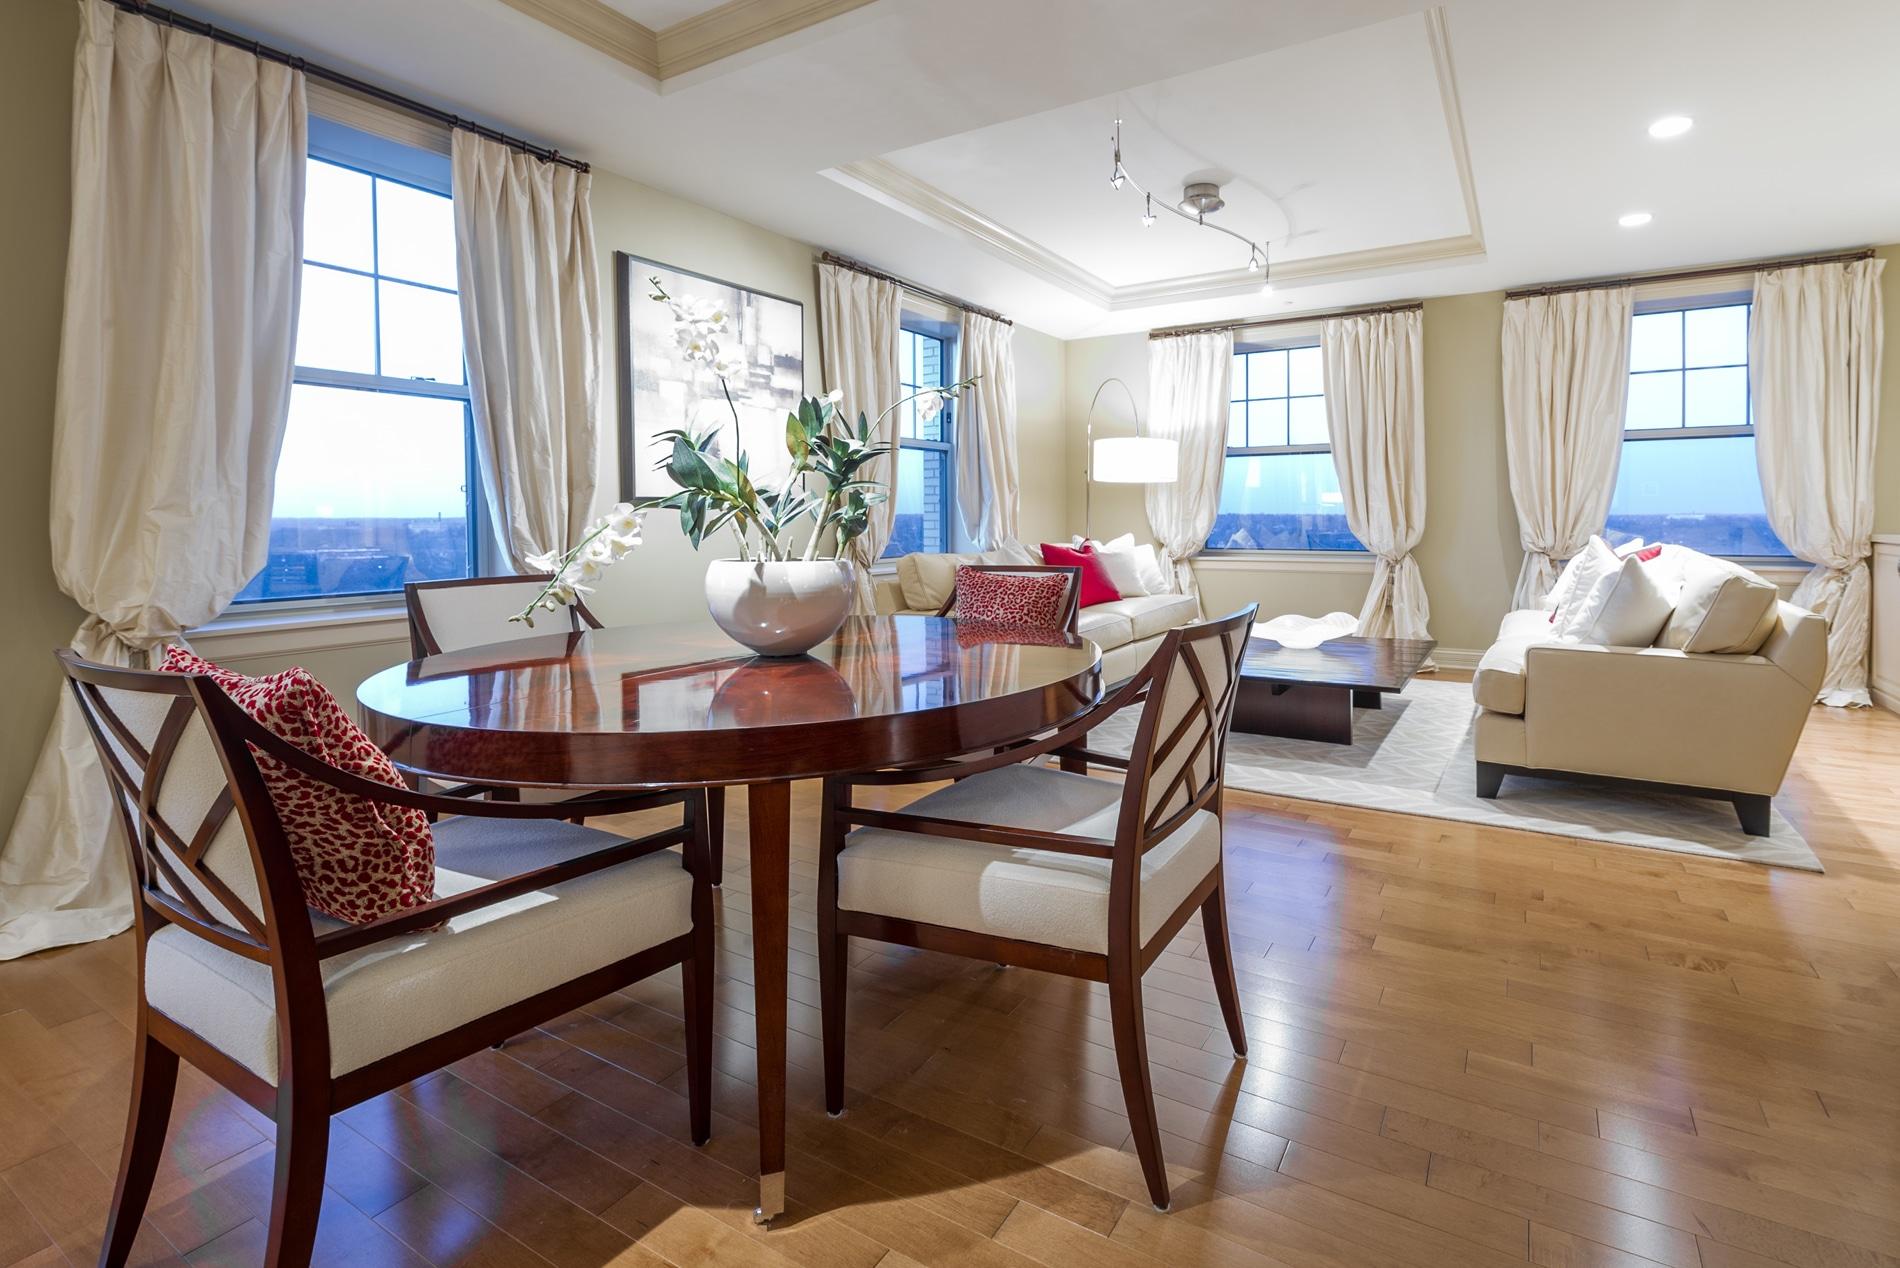 posh family home featured designer st louis interior designers